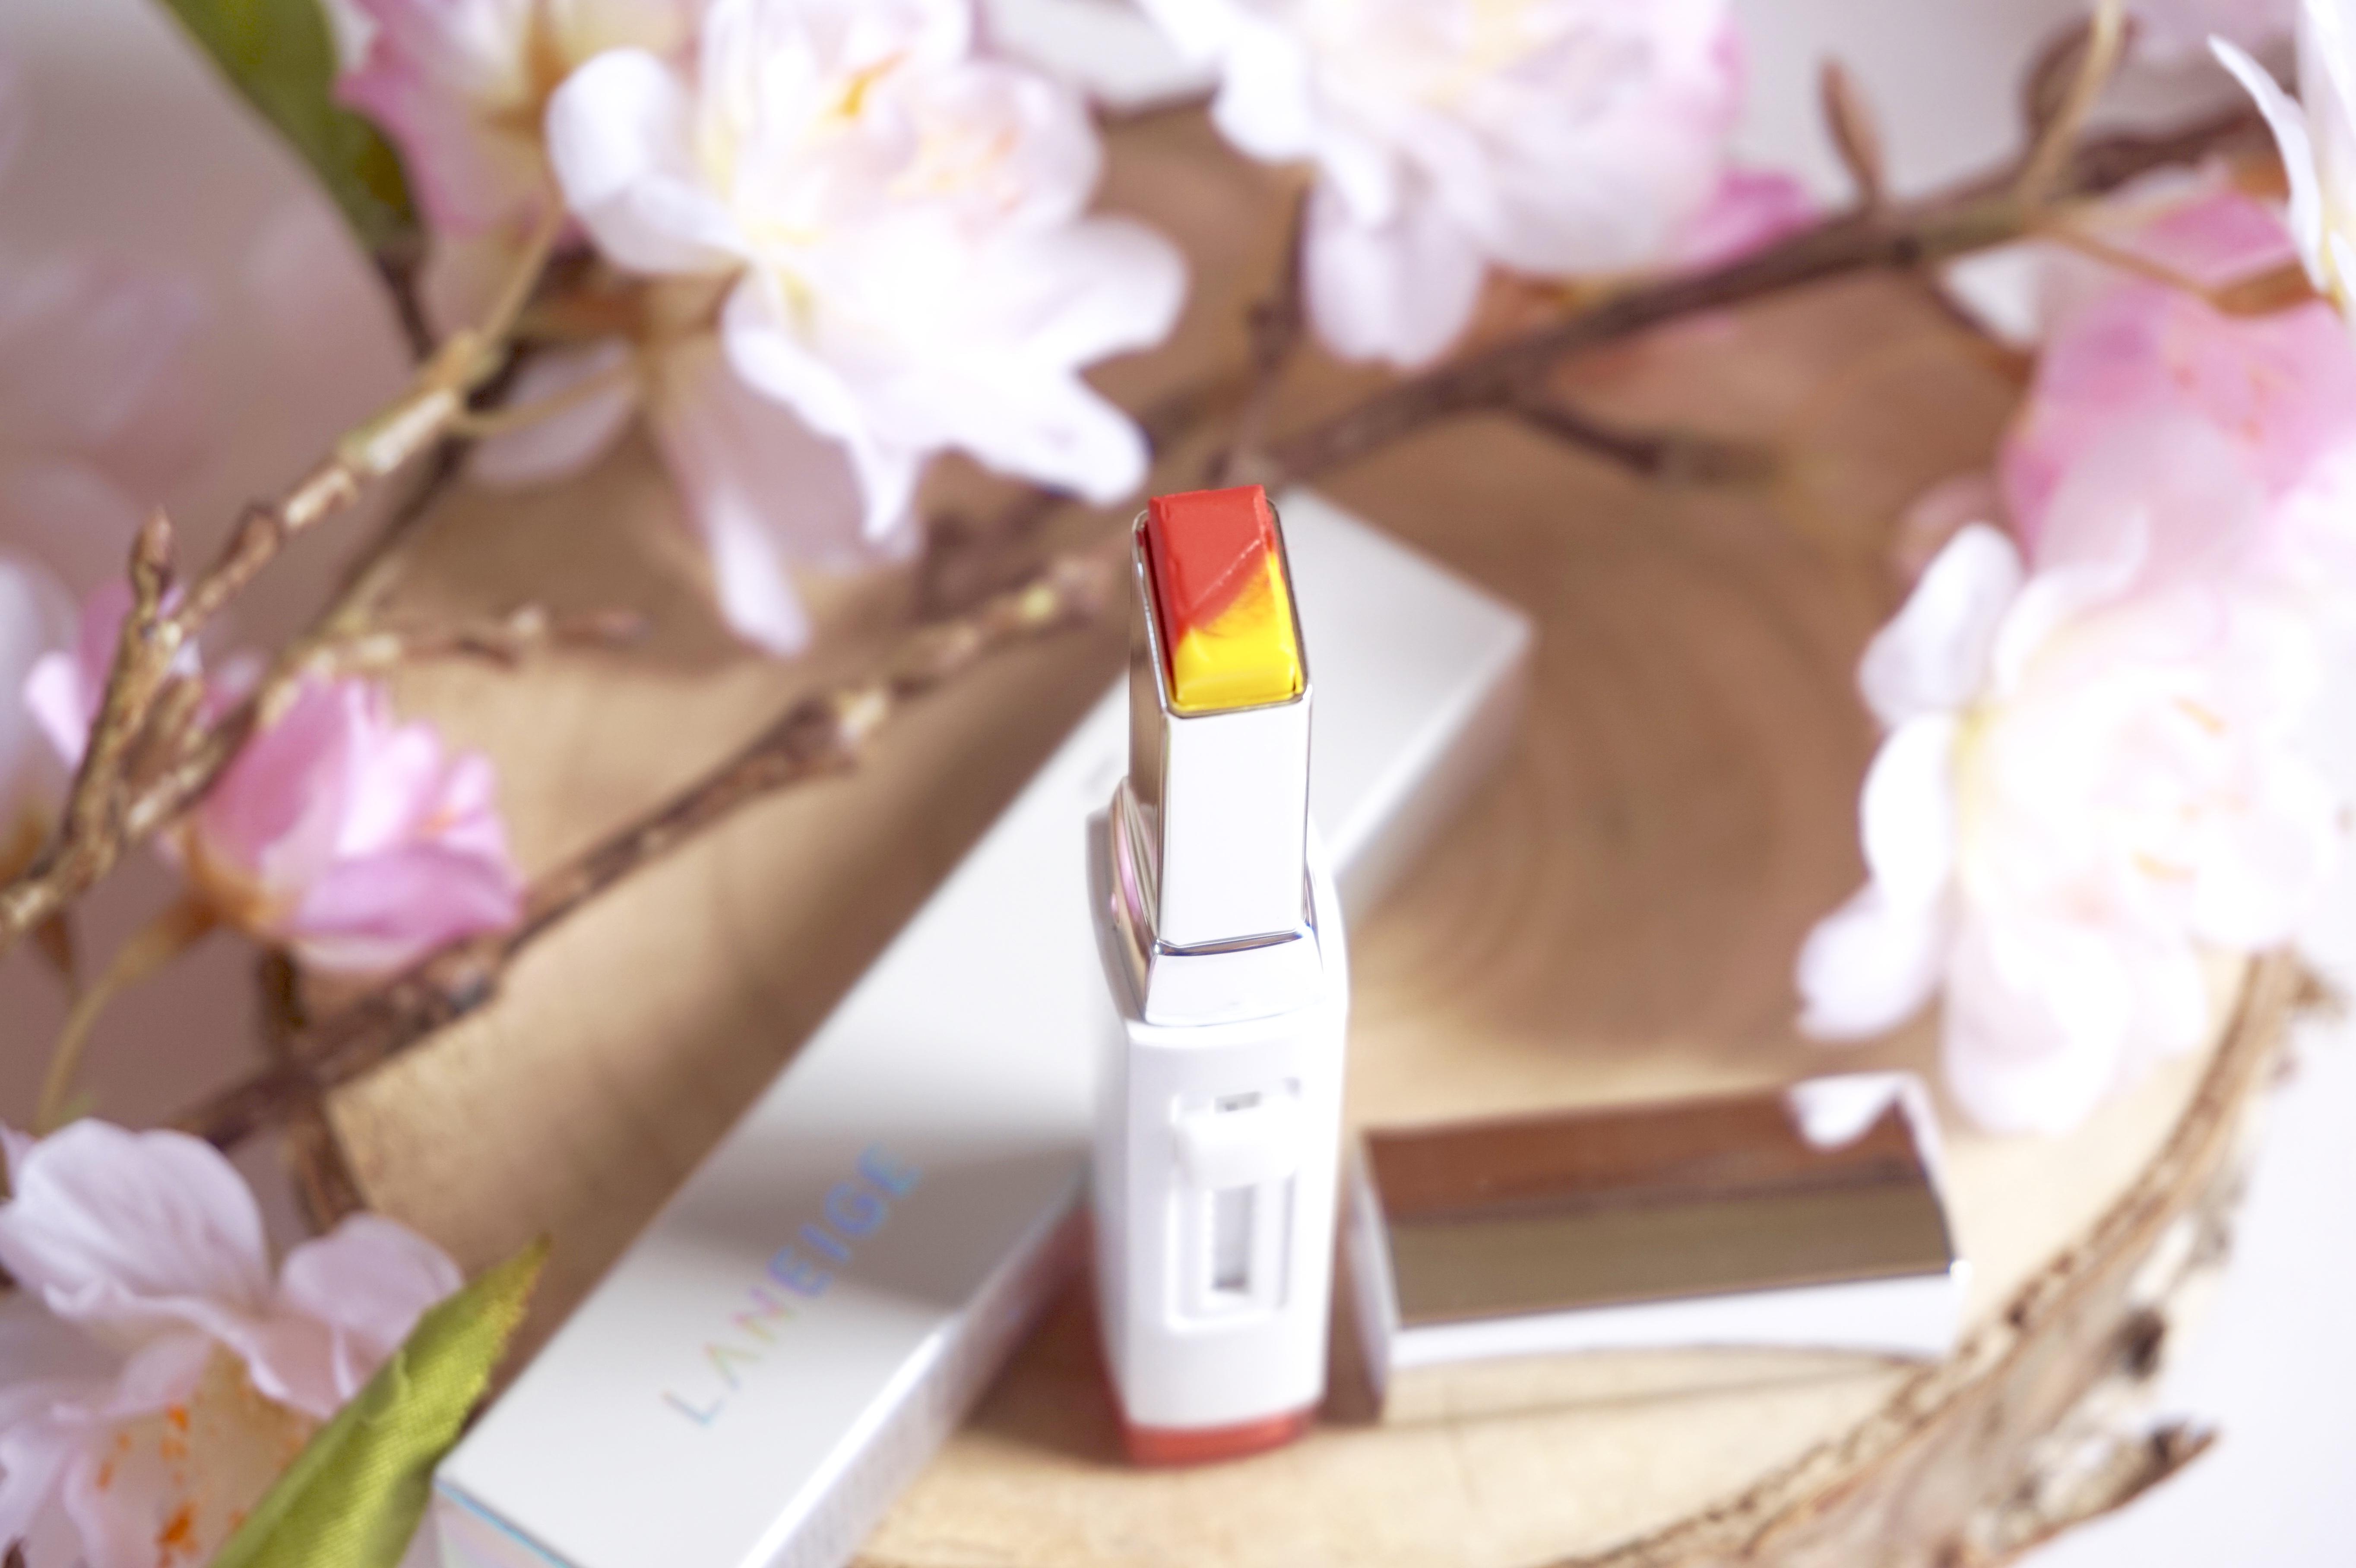 Lèvres ombrées parfaites avec le Two Tone Lip Bar de Laneige